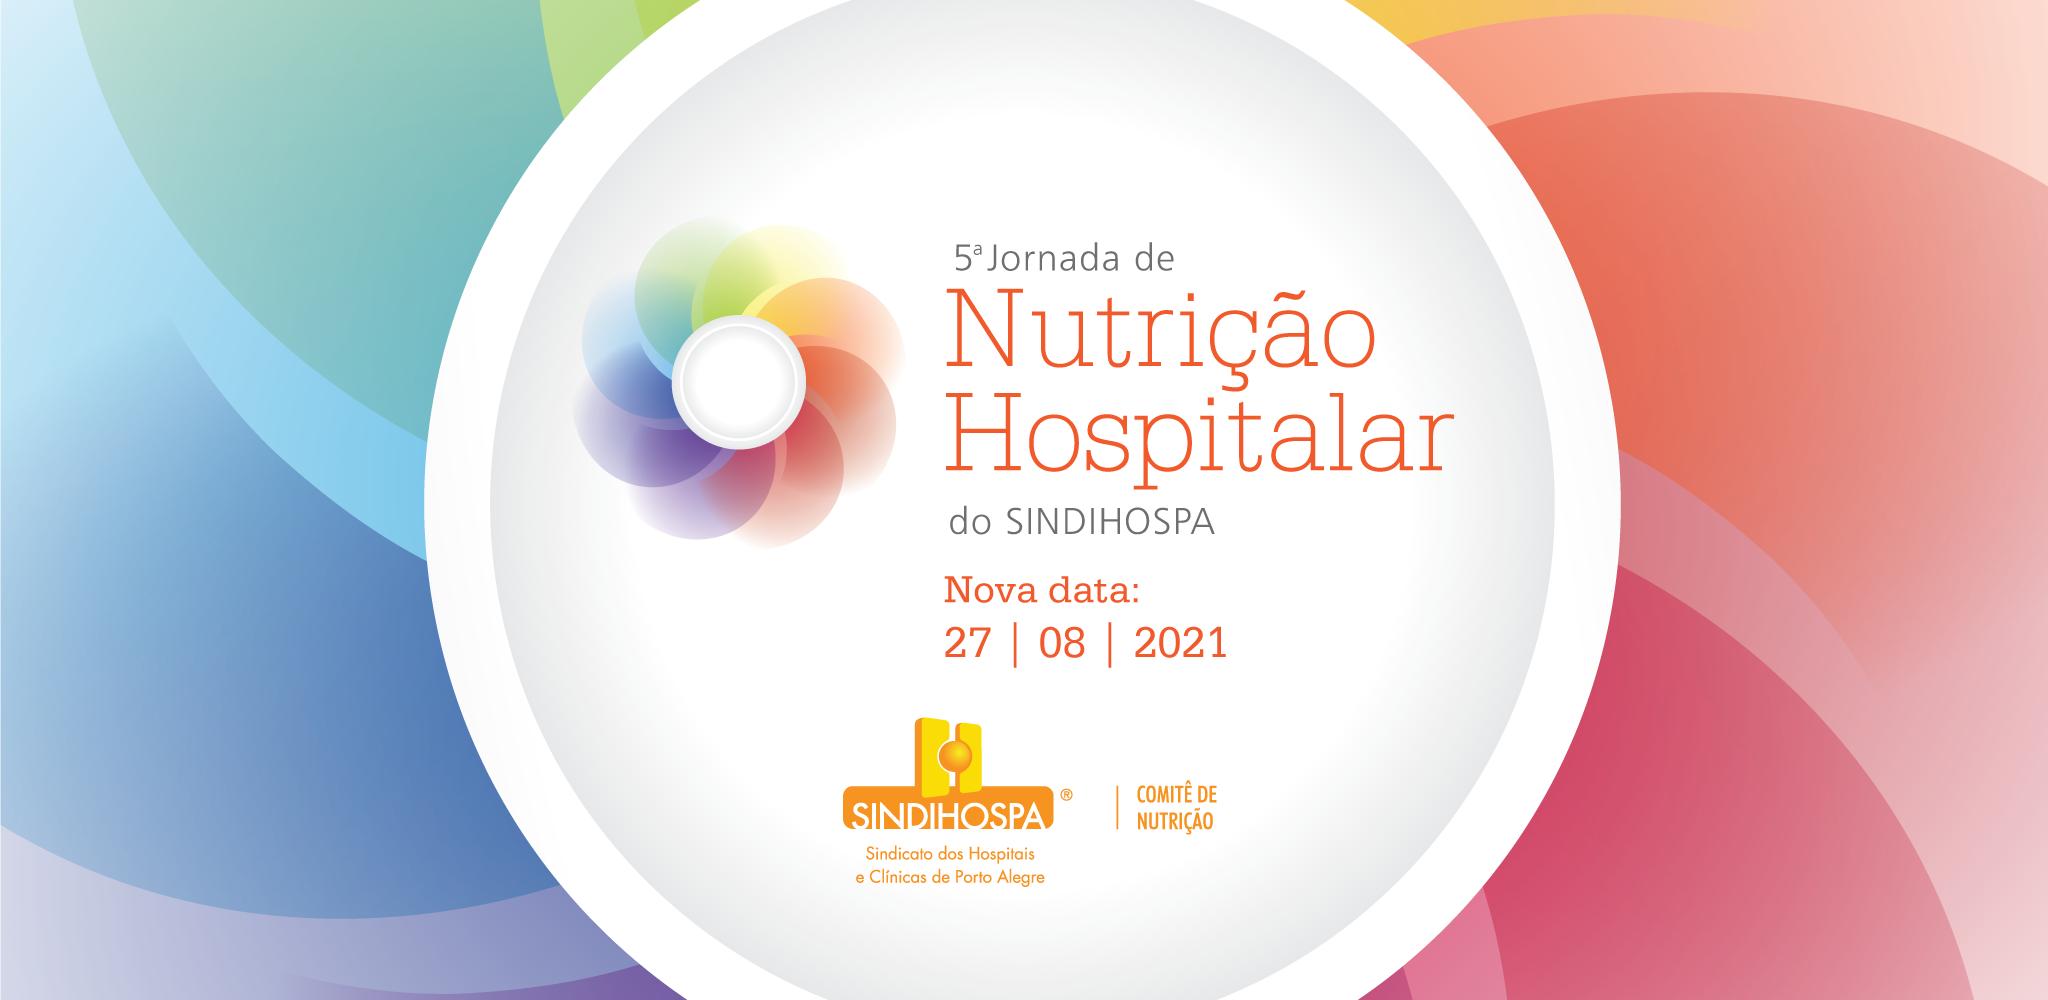 5ª Jornada de Nutrição Hospitalar